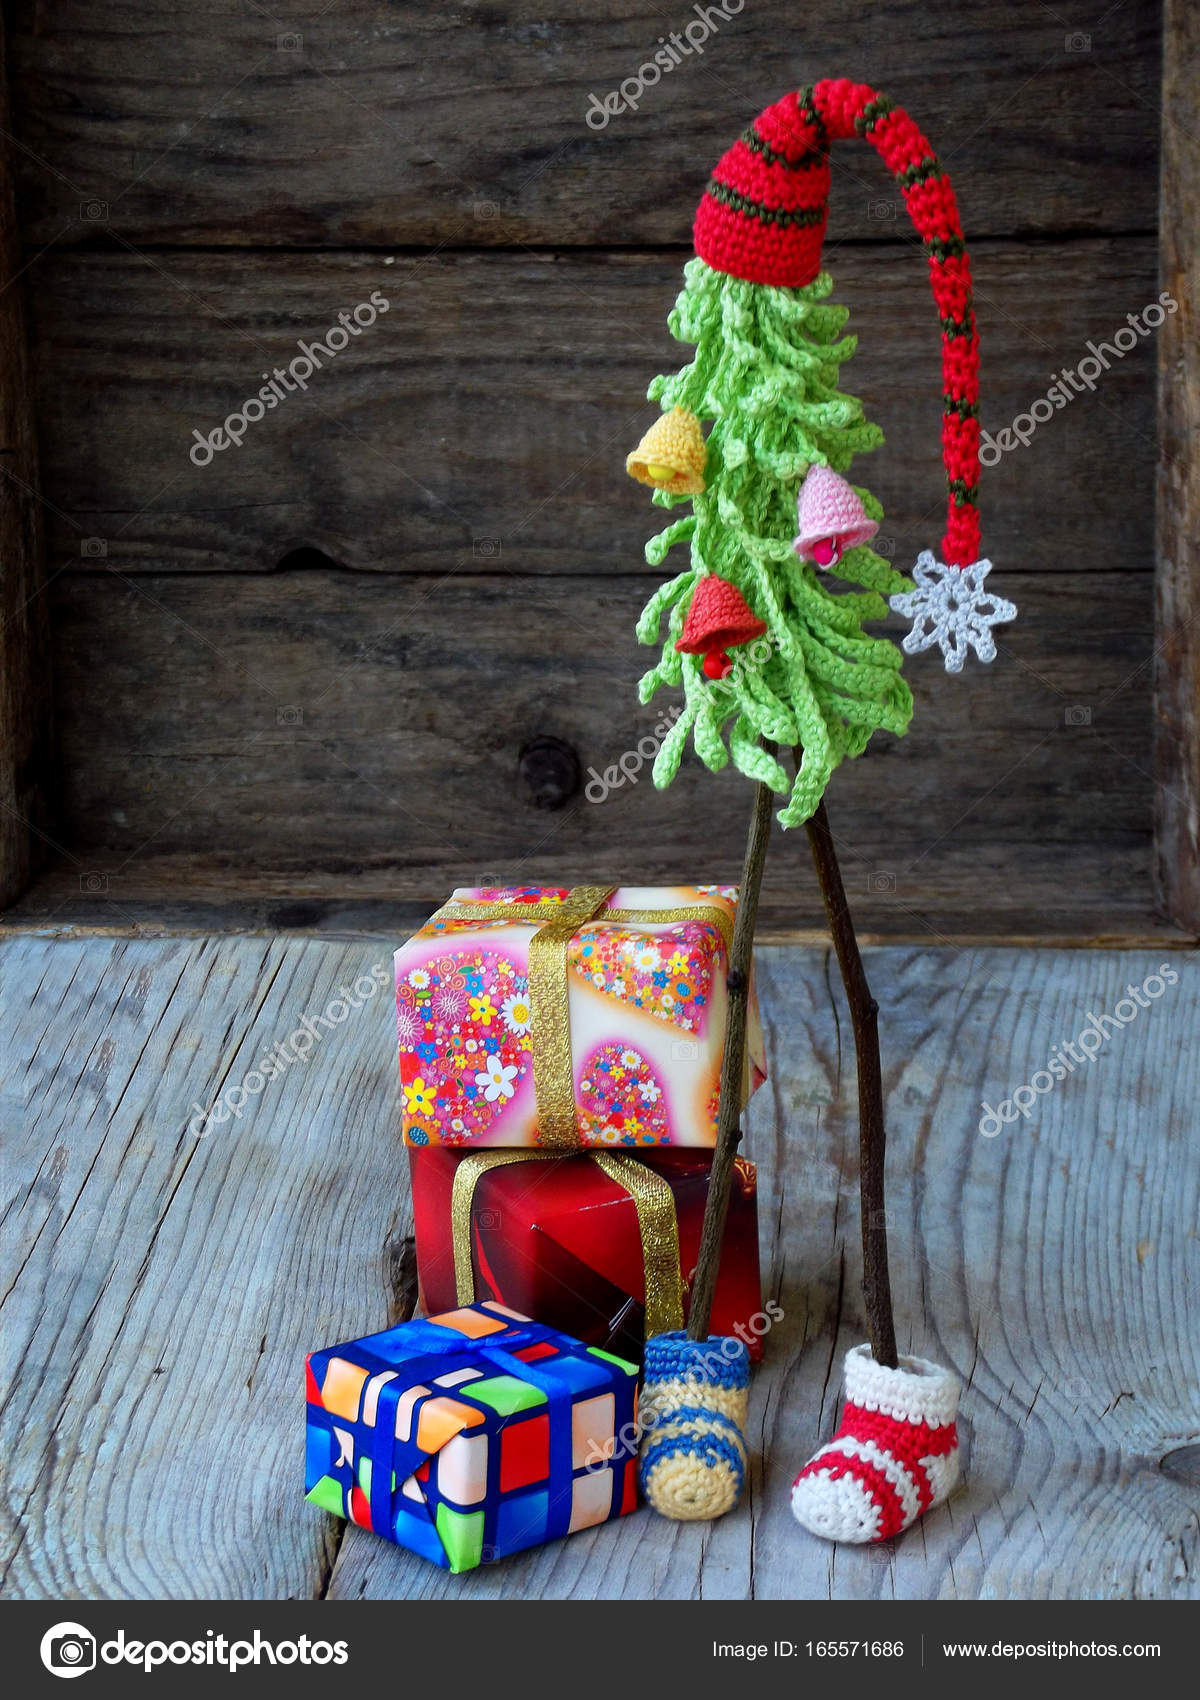 Regali Di Natale Alluncinetto.Alberi Di Natale All Uncinetto Creativi Con I Regali Su Fondo Di